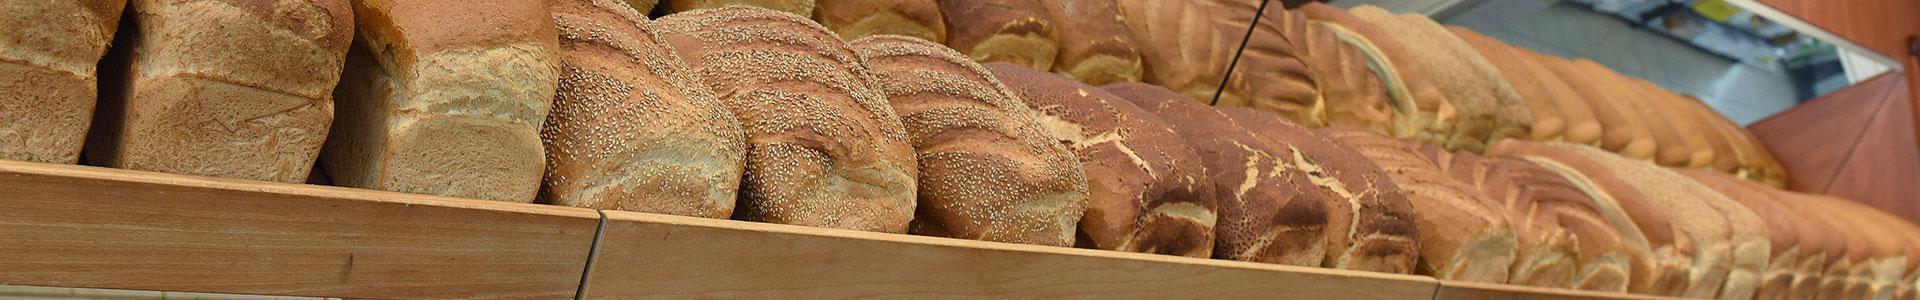 BakkervanderSpoel-headers-brood.jpg